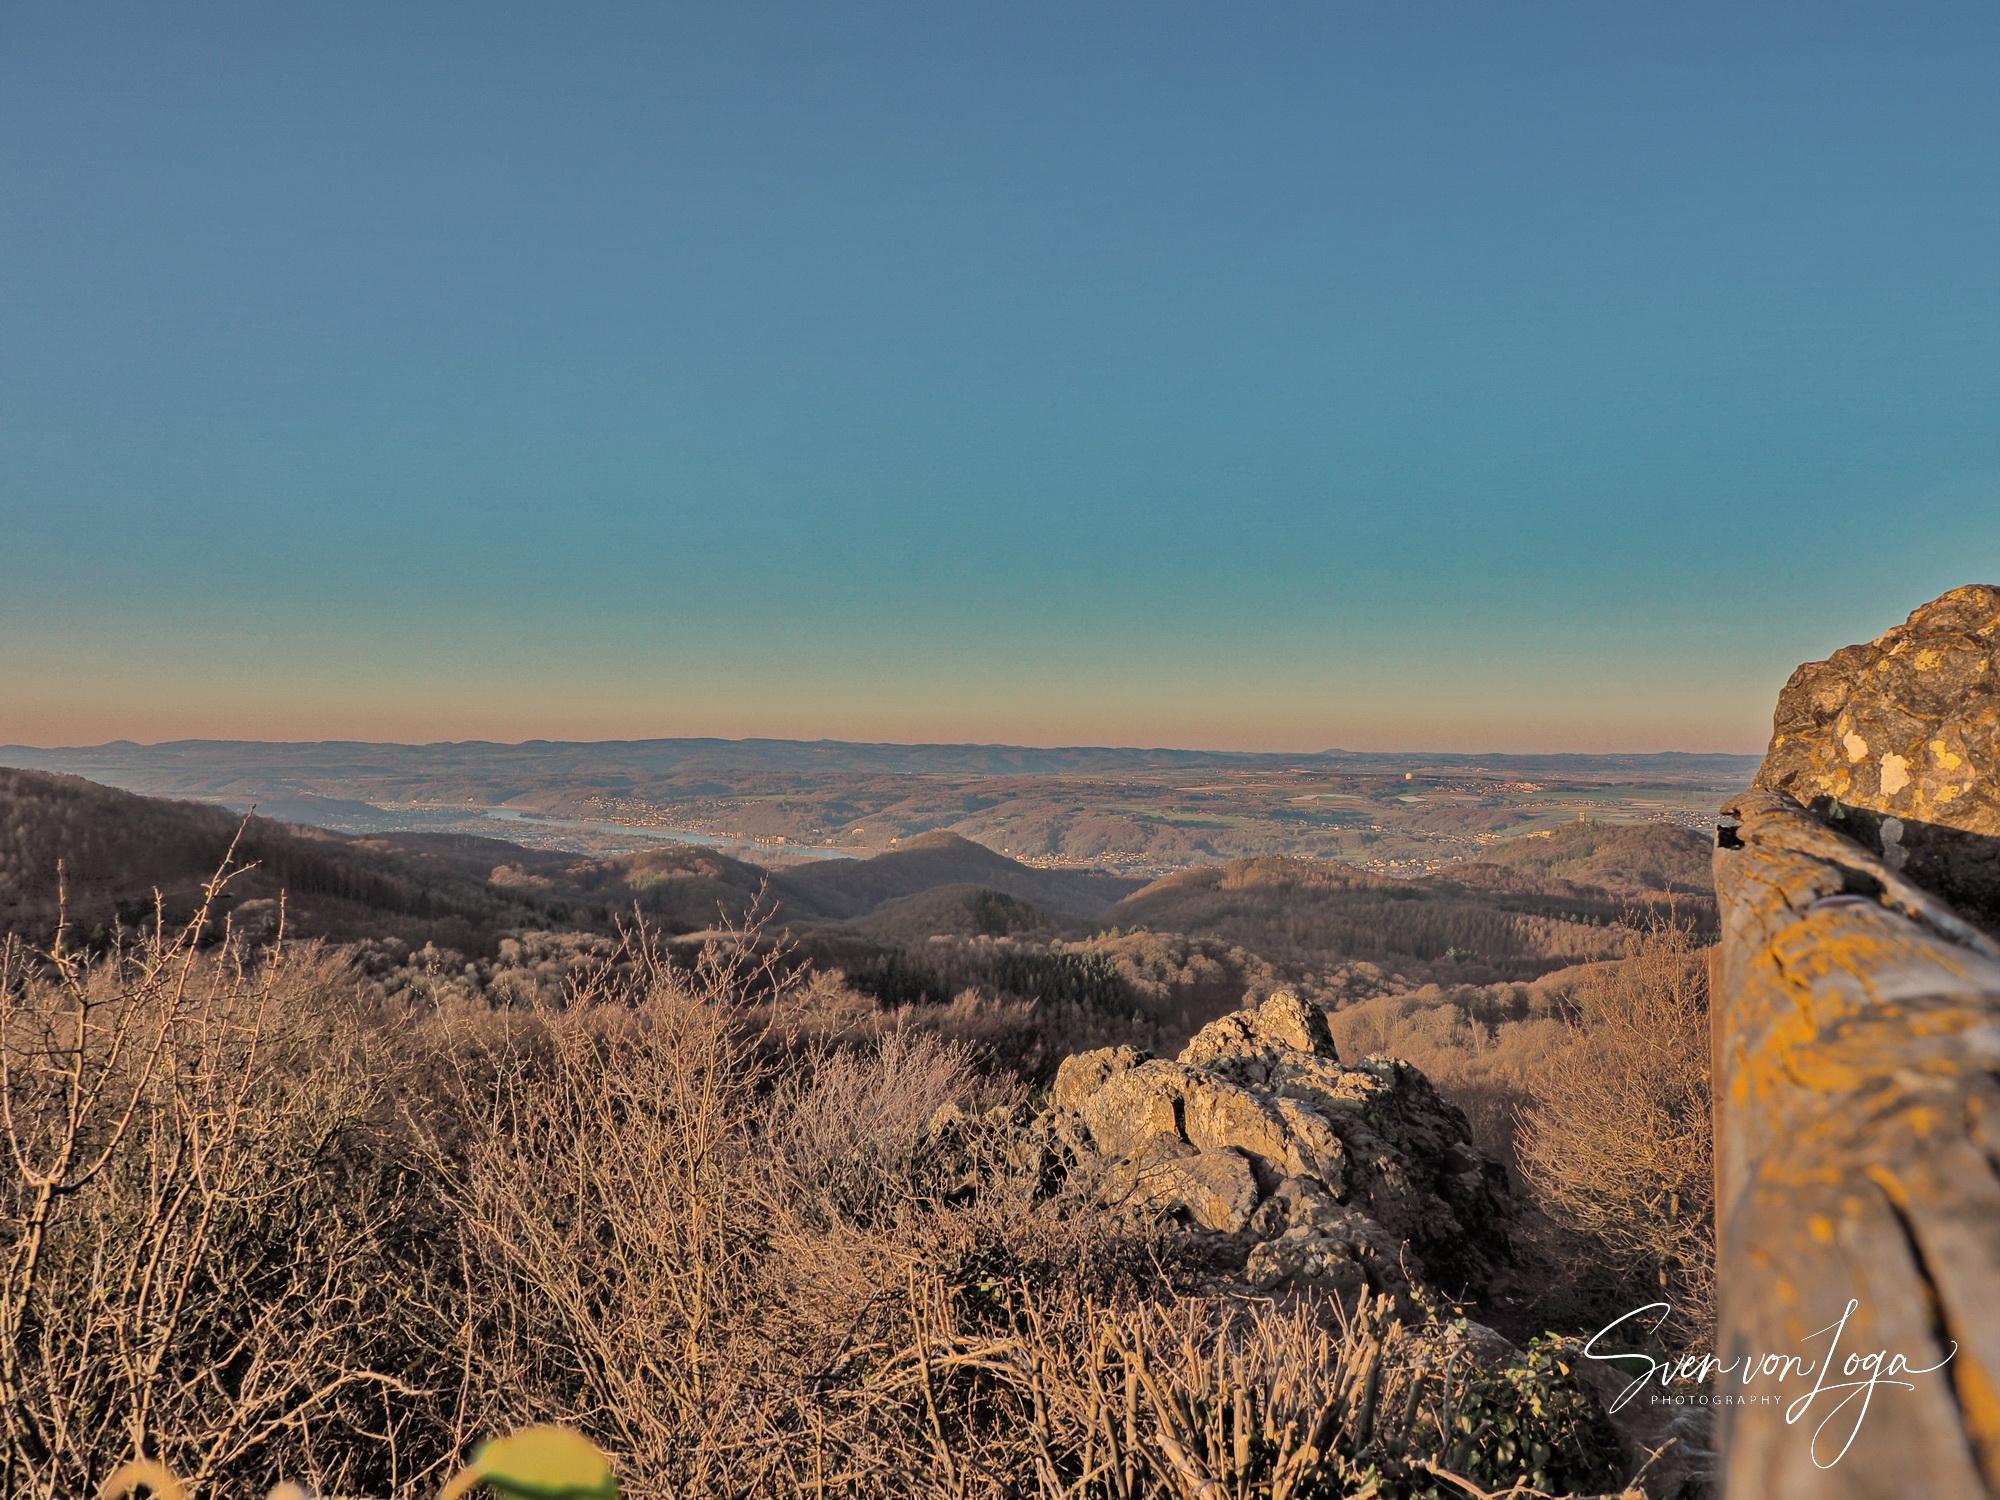 Frühmorgens auf dem Oelberg im Siebengebirge